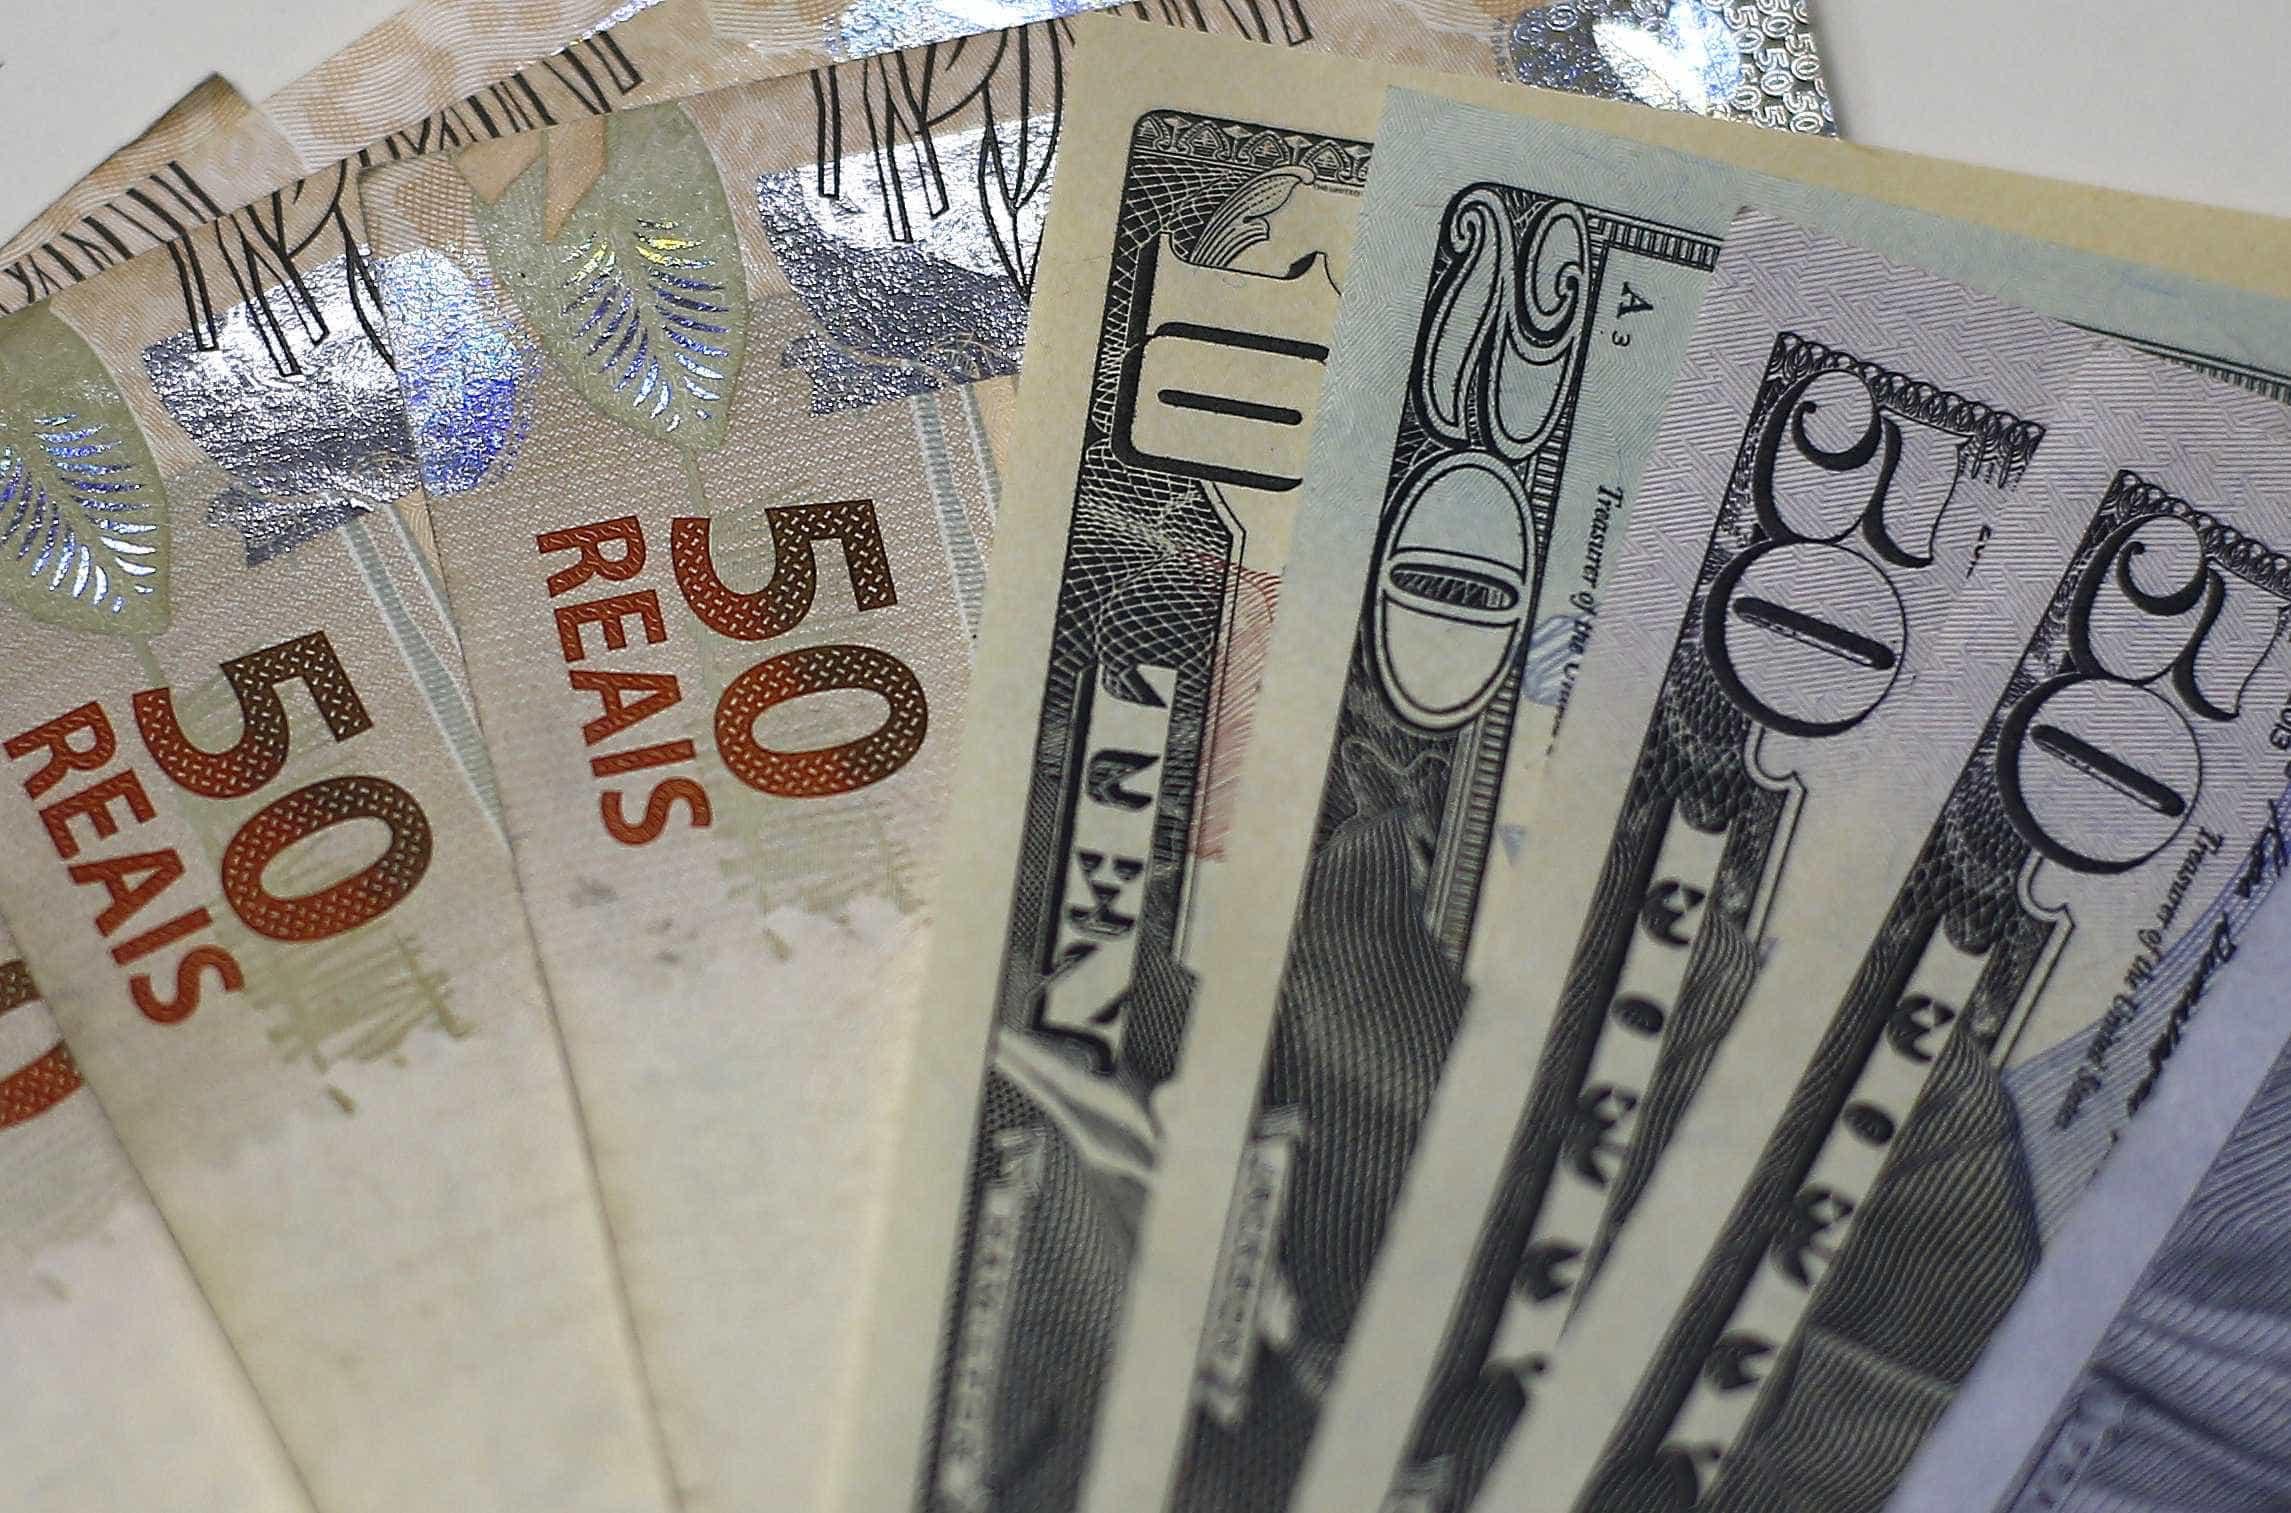 Dólar cai quase 2% e fecha abaixo dos R$ 3,80 pela 1ª vez em 2 semanas